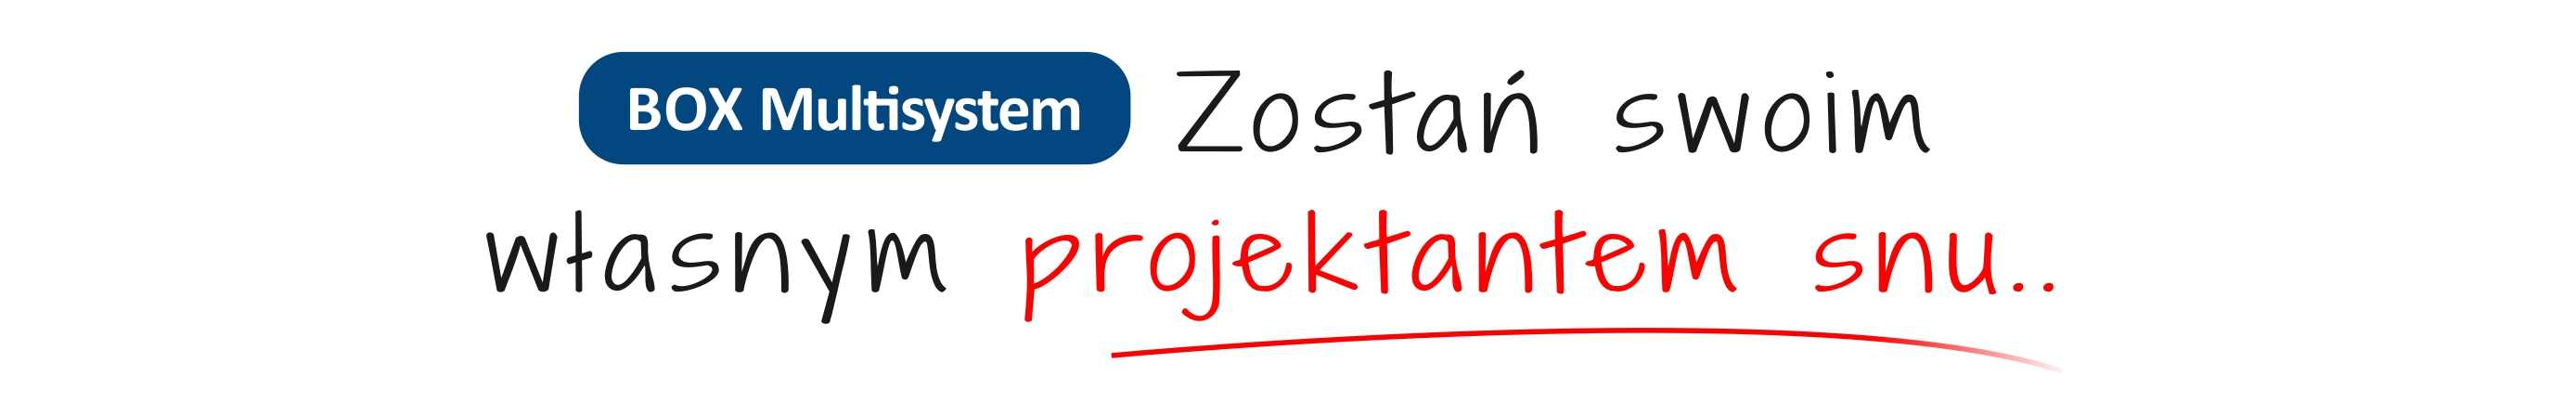 Łóżka Box Multisystem m&k foam na salonsnu.pl